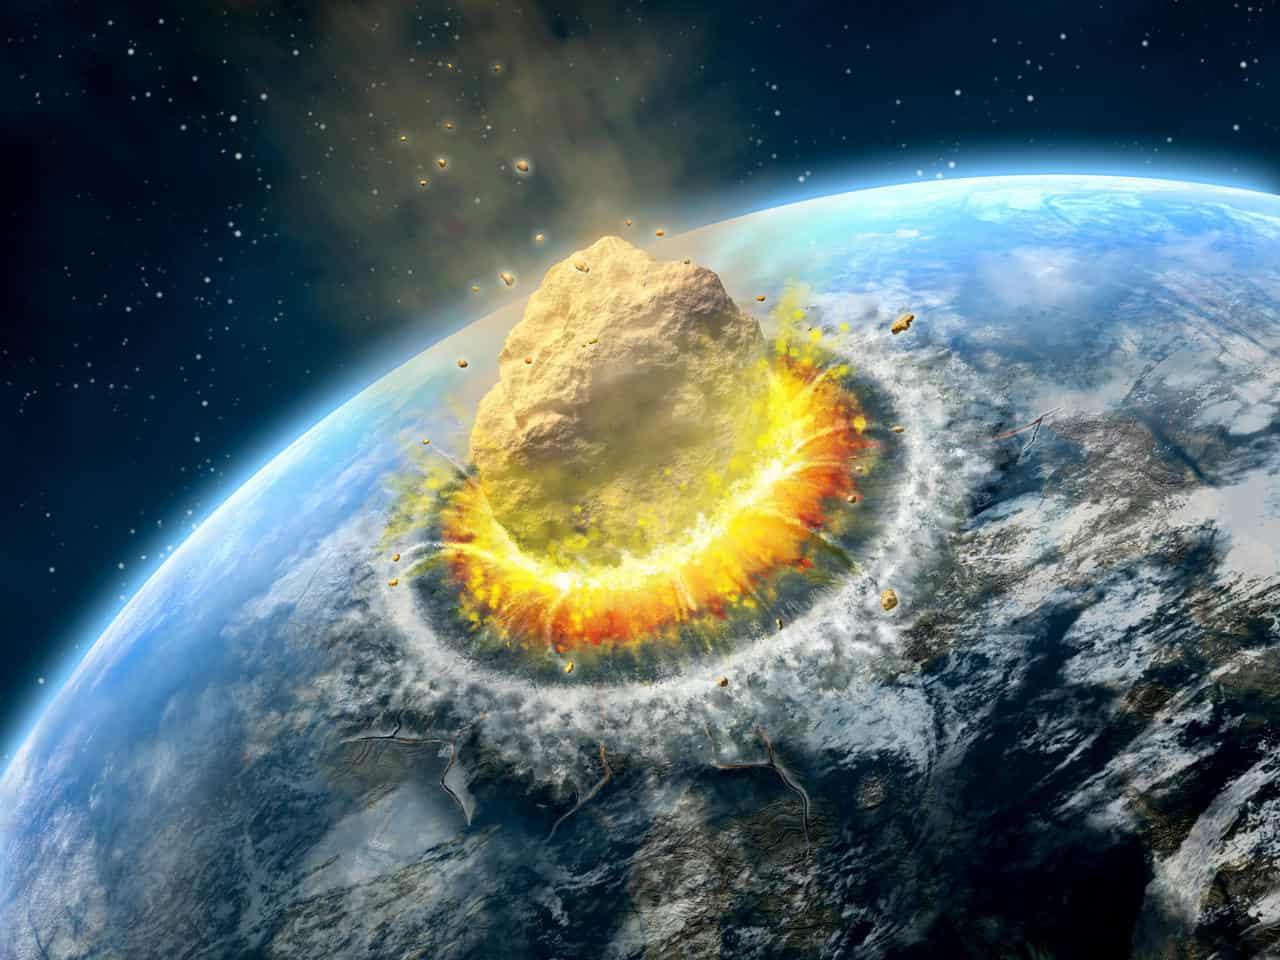 meteo 02072 - Sodoma e Gomorra distrutte a causa di un asteroide? Trovate le prove